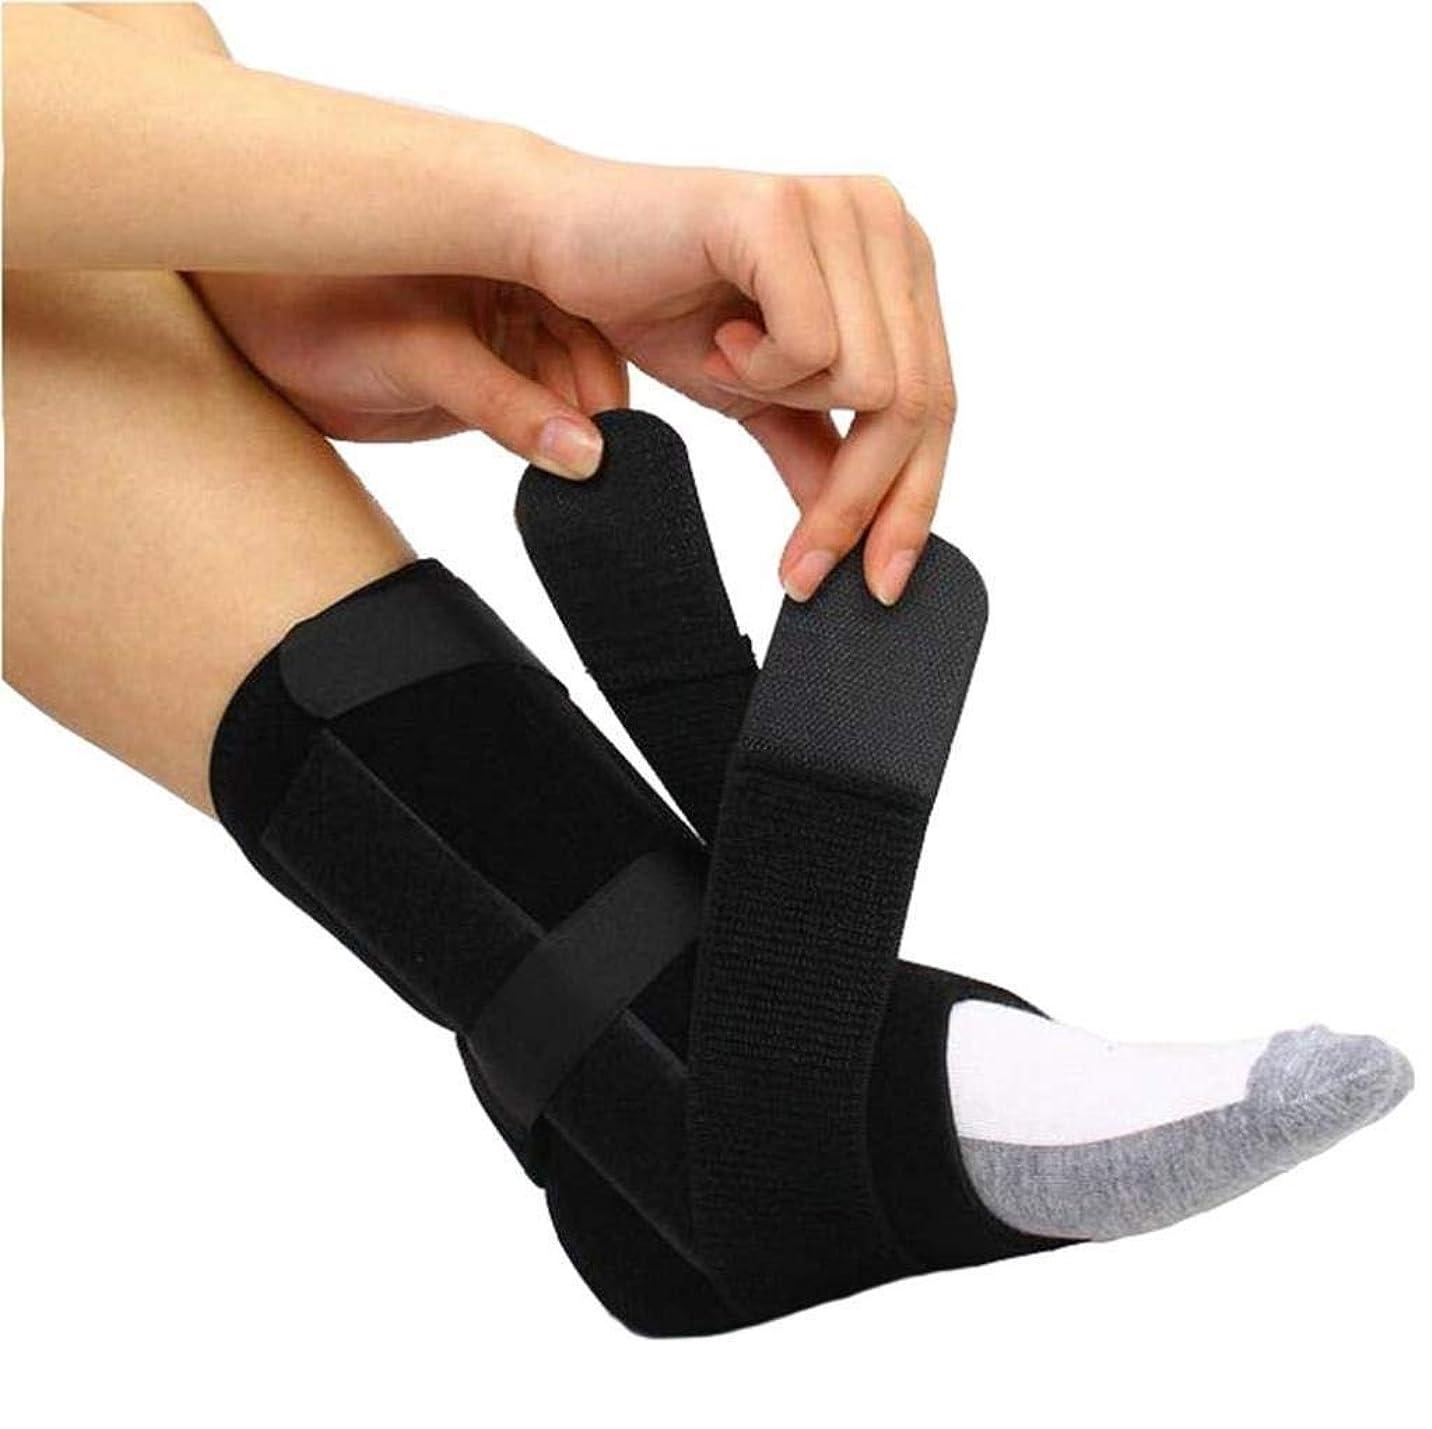 おとなしい曲テロドロップフット–ドロップフット、神経損傷、足の位置、圧力緩和、足首と足の装具のサポート-ユニセックス (Size : L)